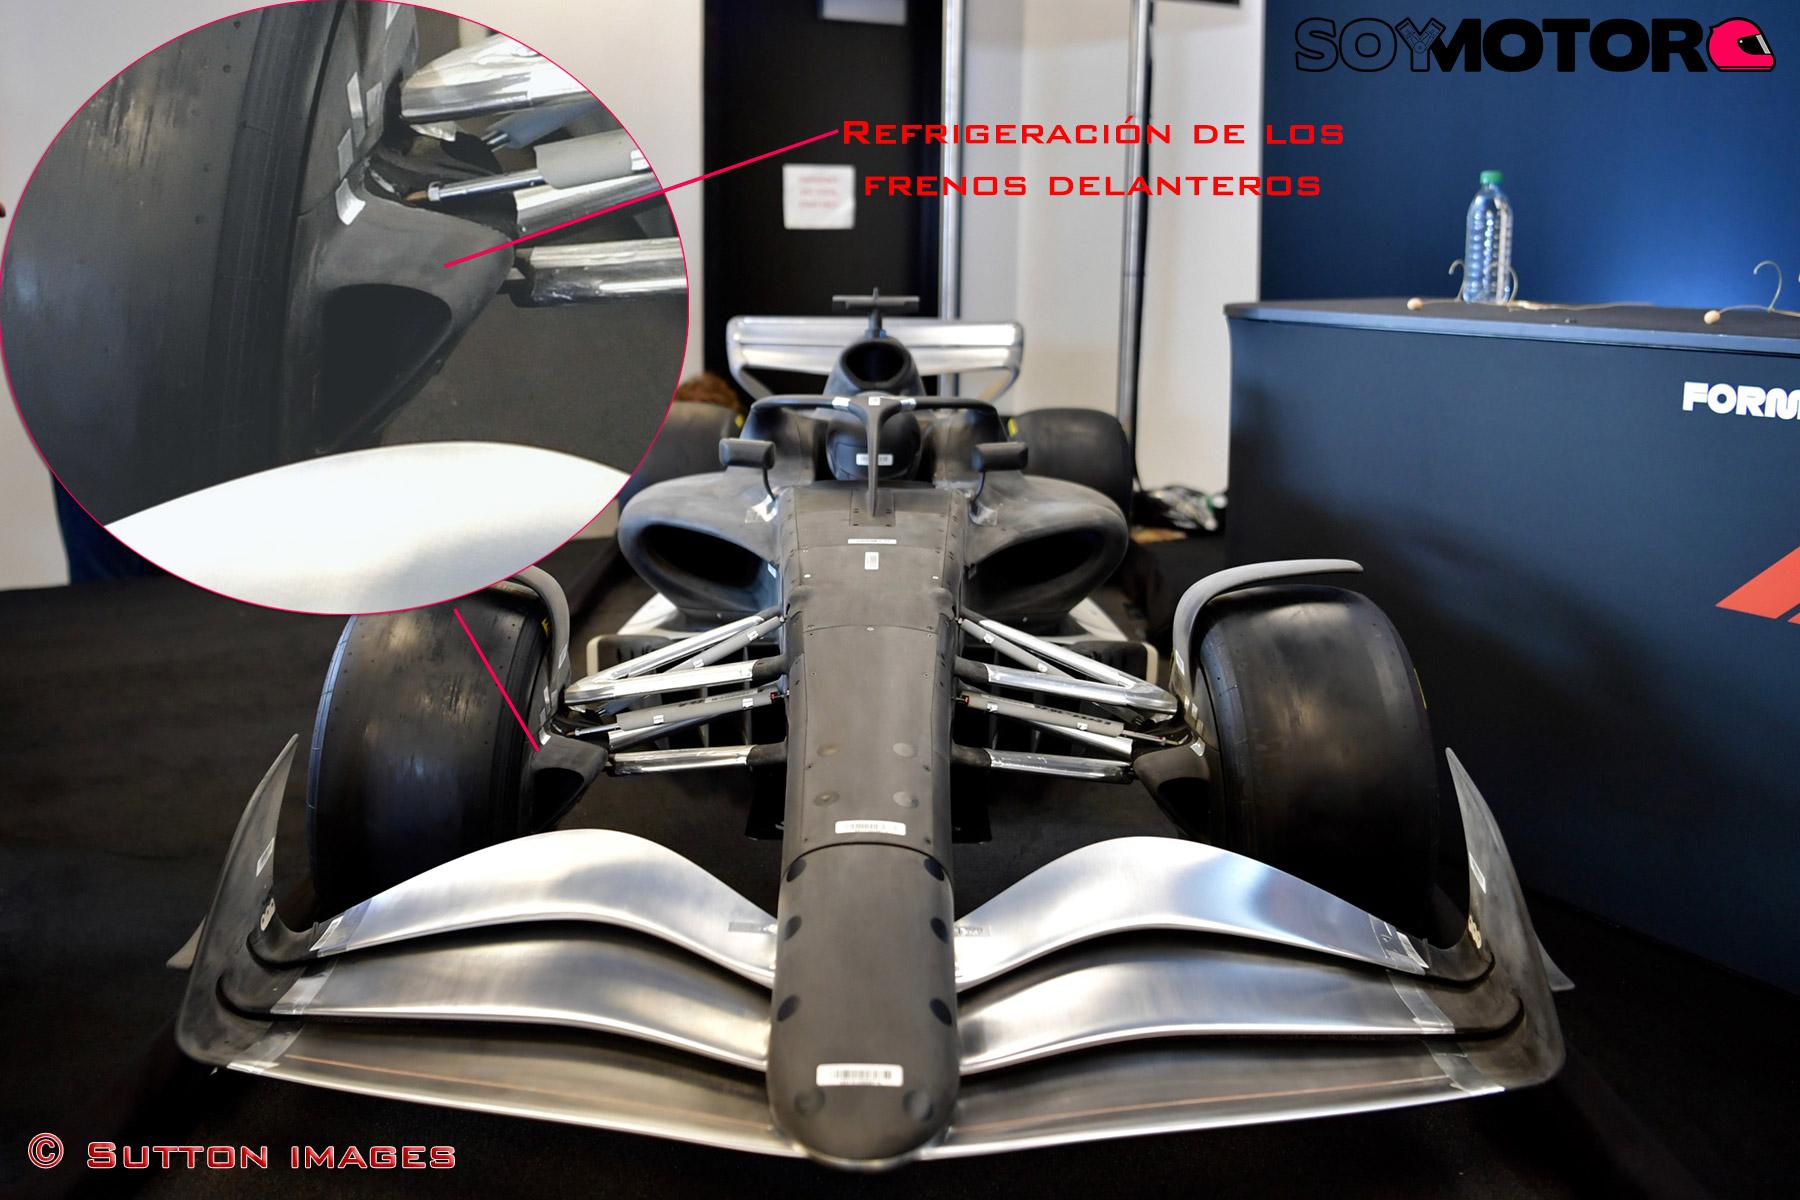 frenos-delanteros-soymotor.jpg